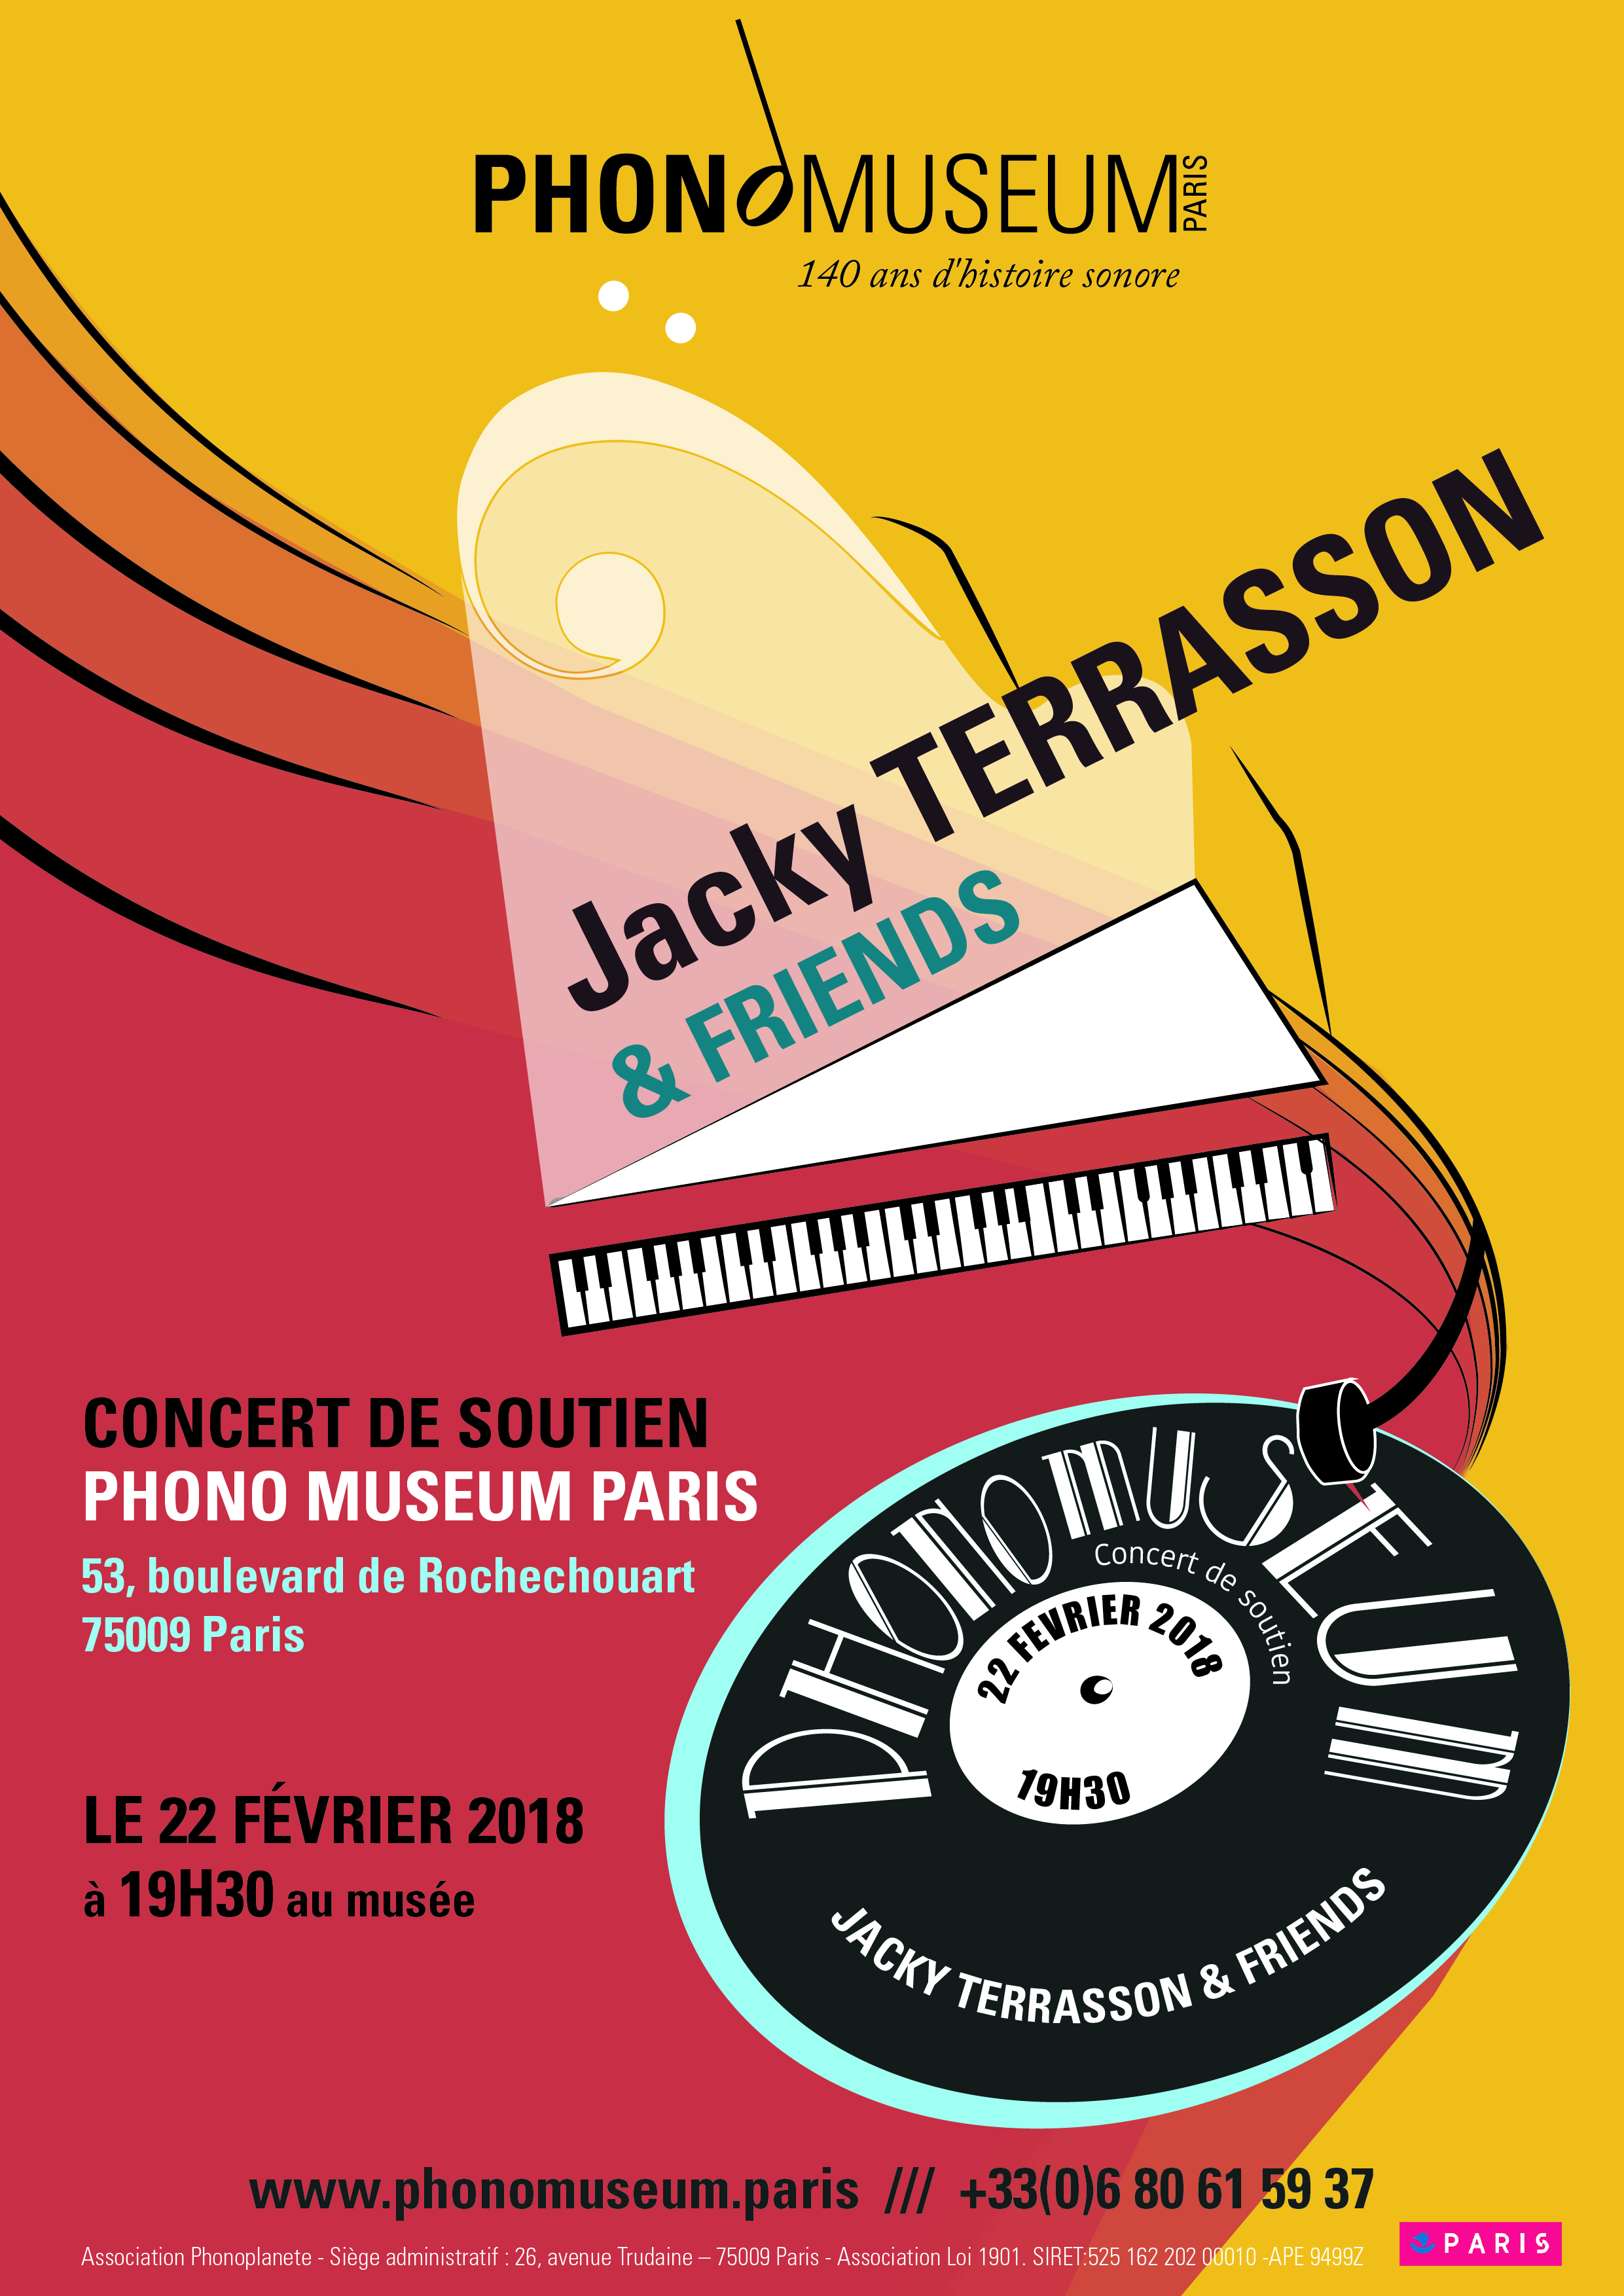 concert de soutien Jacky Terrasson